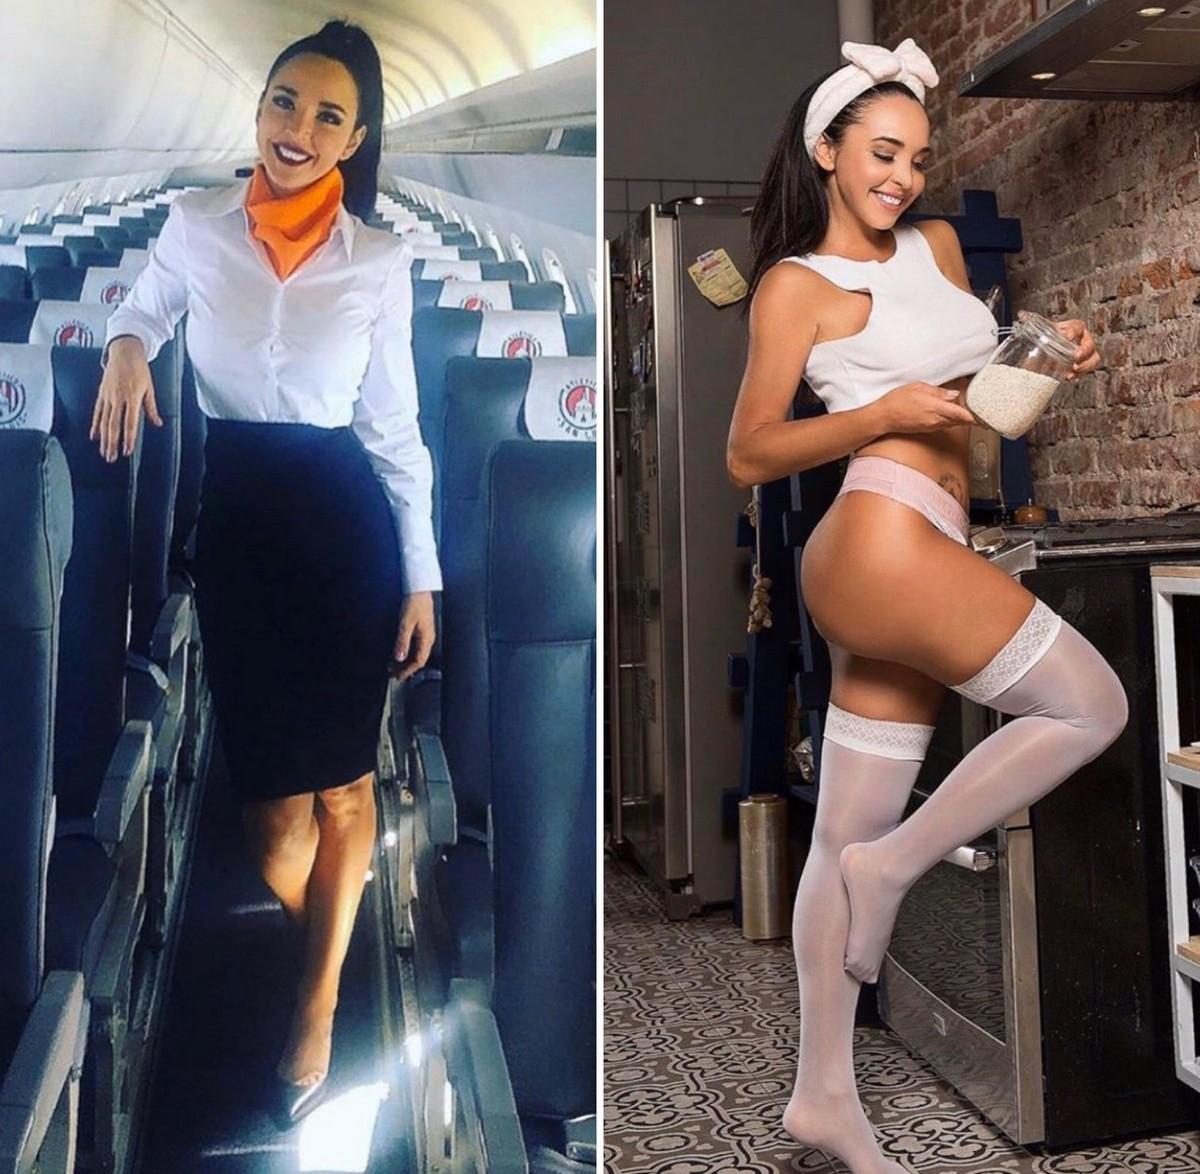 было фото стюардессы без лифа копейкин долгое время